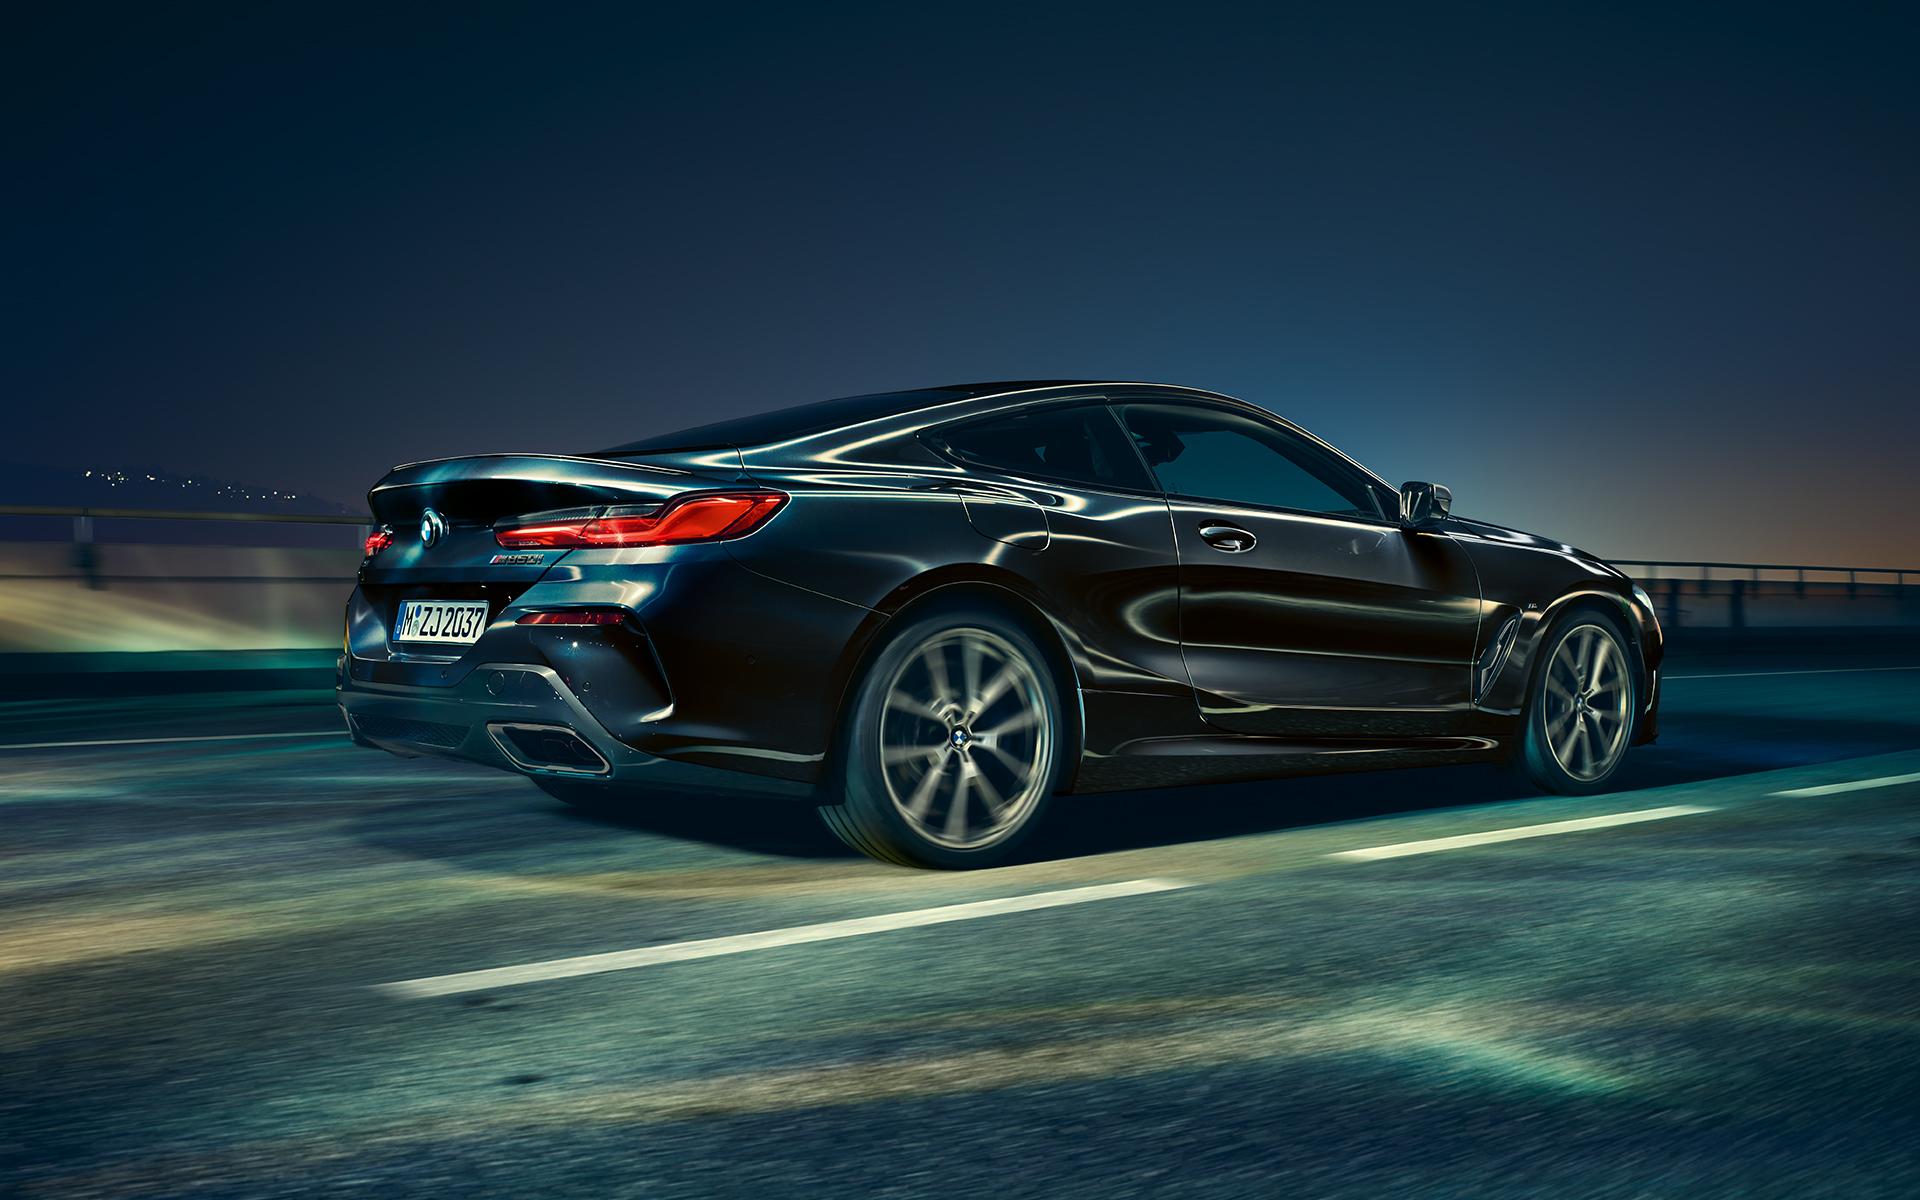 Wallpaper Mobil Sport Bmw: Nouvelle BMW Série 8 Coupé : La Voiture De Sport De Luxe